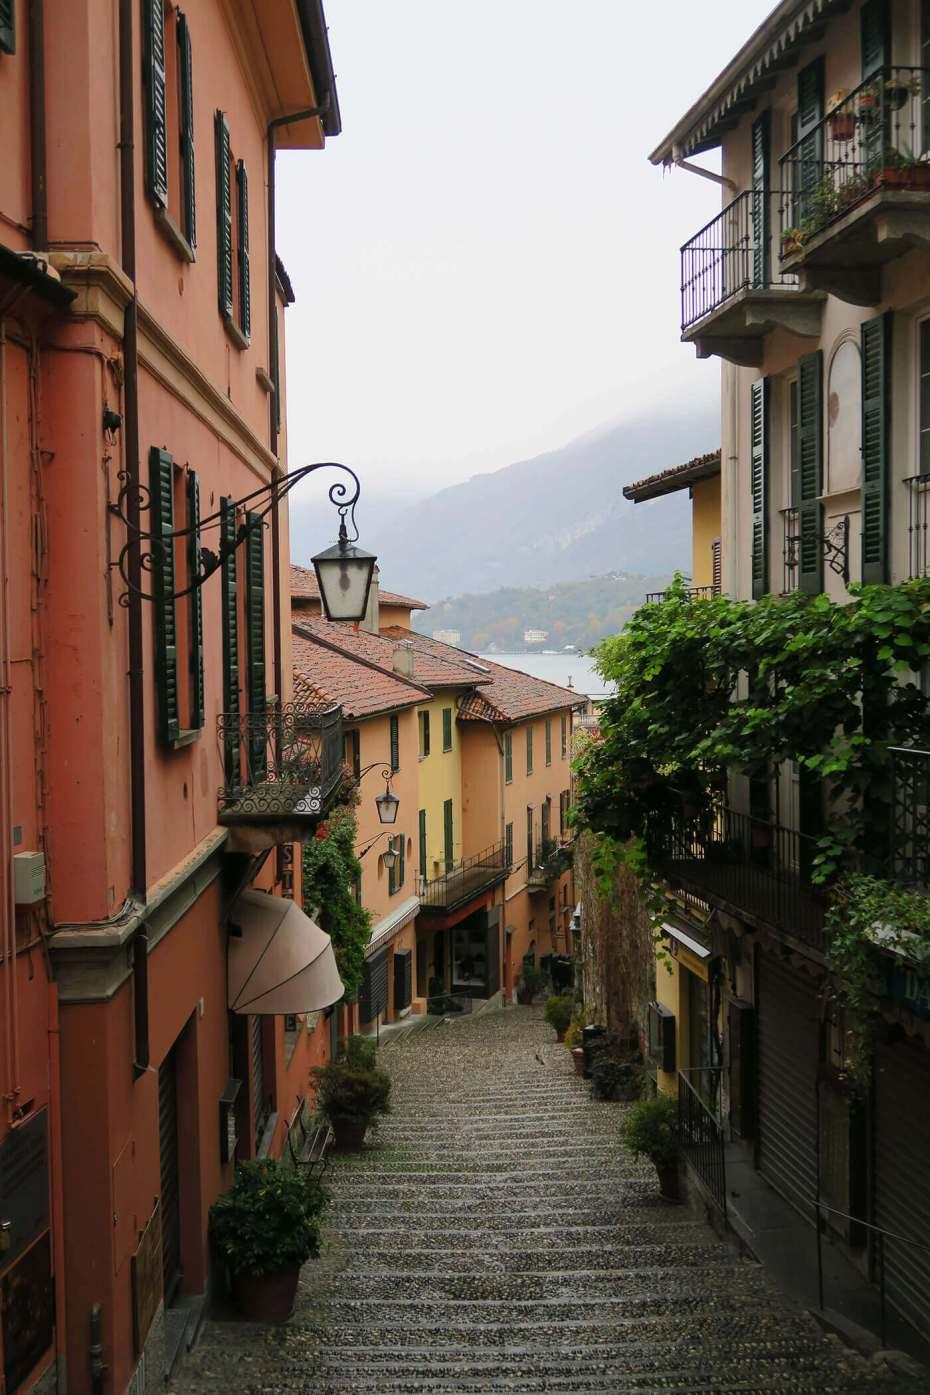 Calles vacías en Bellagio, Italia